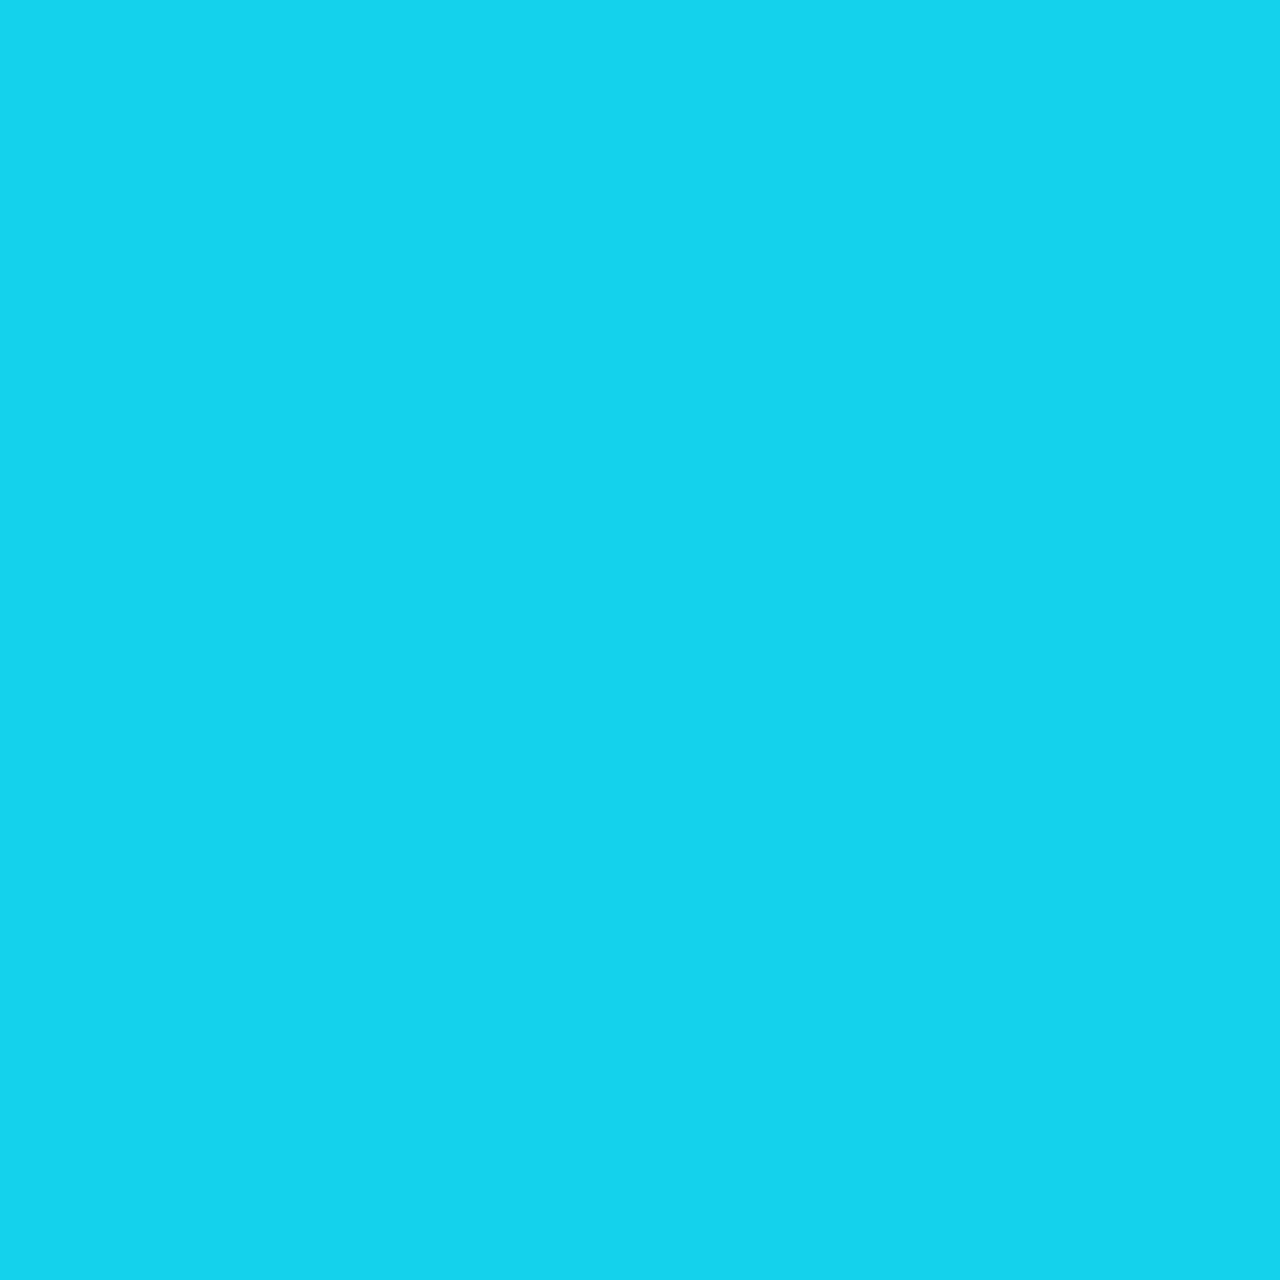 Ausgezeichnet Farbton Greige Ideen - Innenarchitektur-Kollektion ...